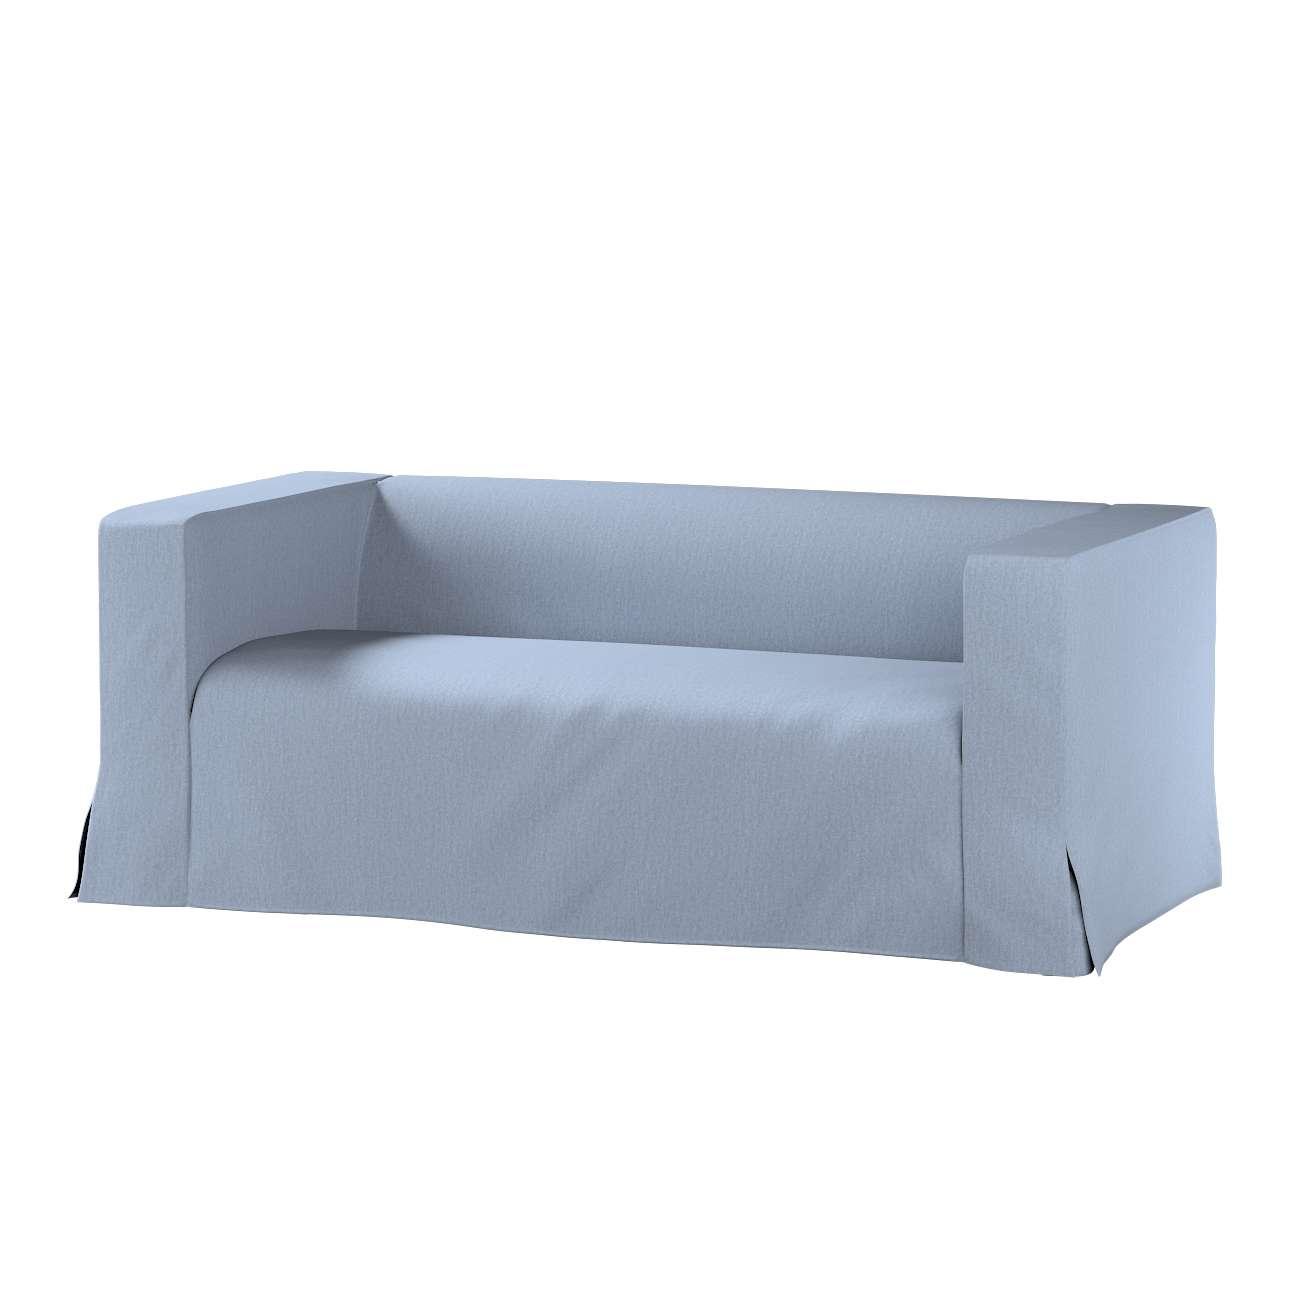 Klippan dvivietės sofos užvalkalas (ilgas, iki žemės) Klippan dvivietės sofos užvalkalas (ilgas, iki žemės) kolekcijoje Chenille, audinys: 702-13